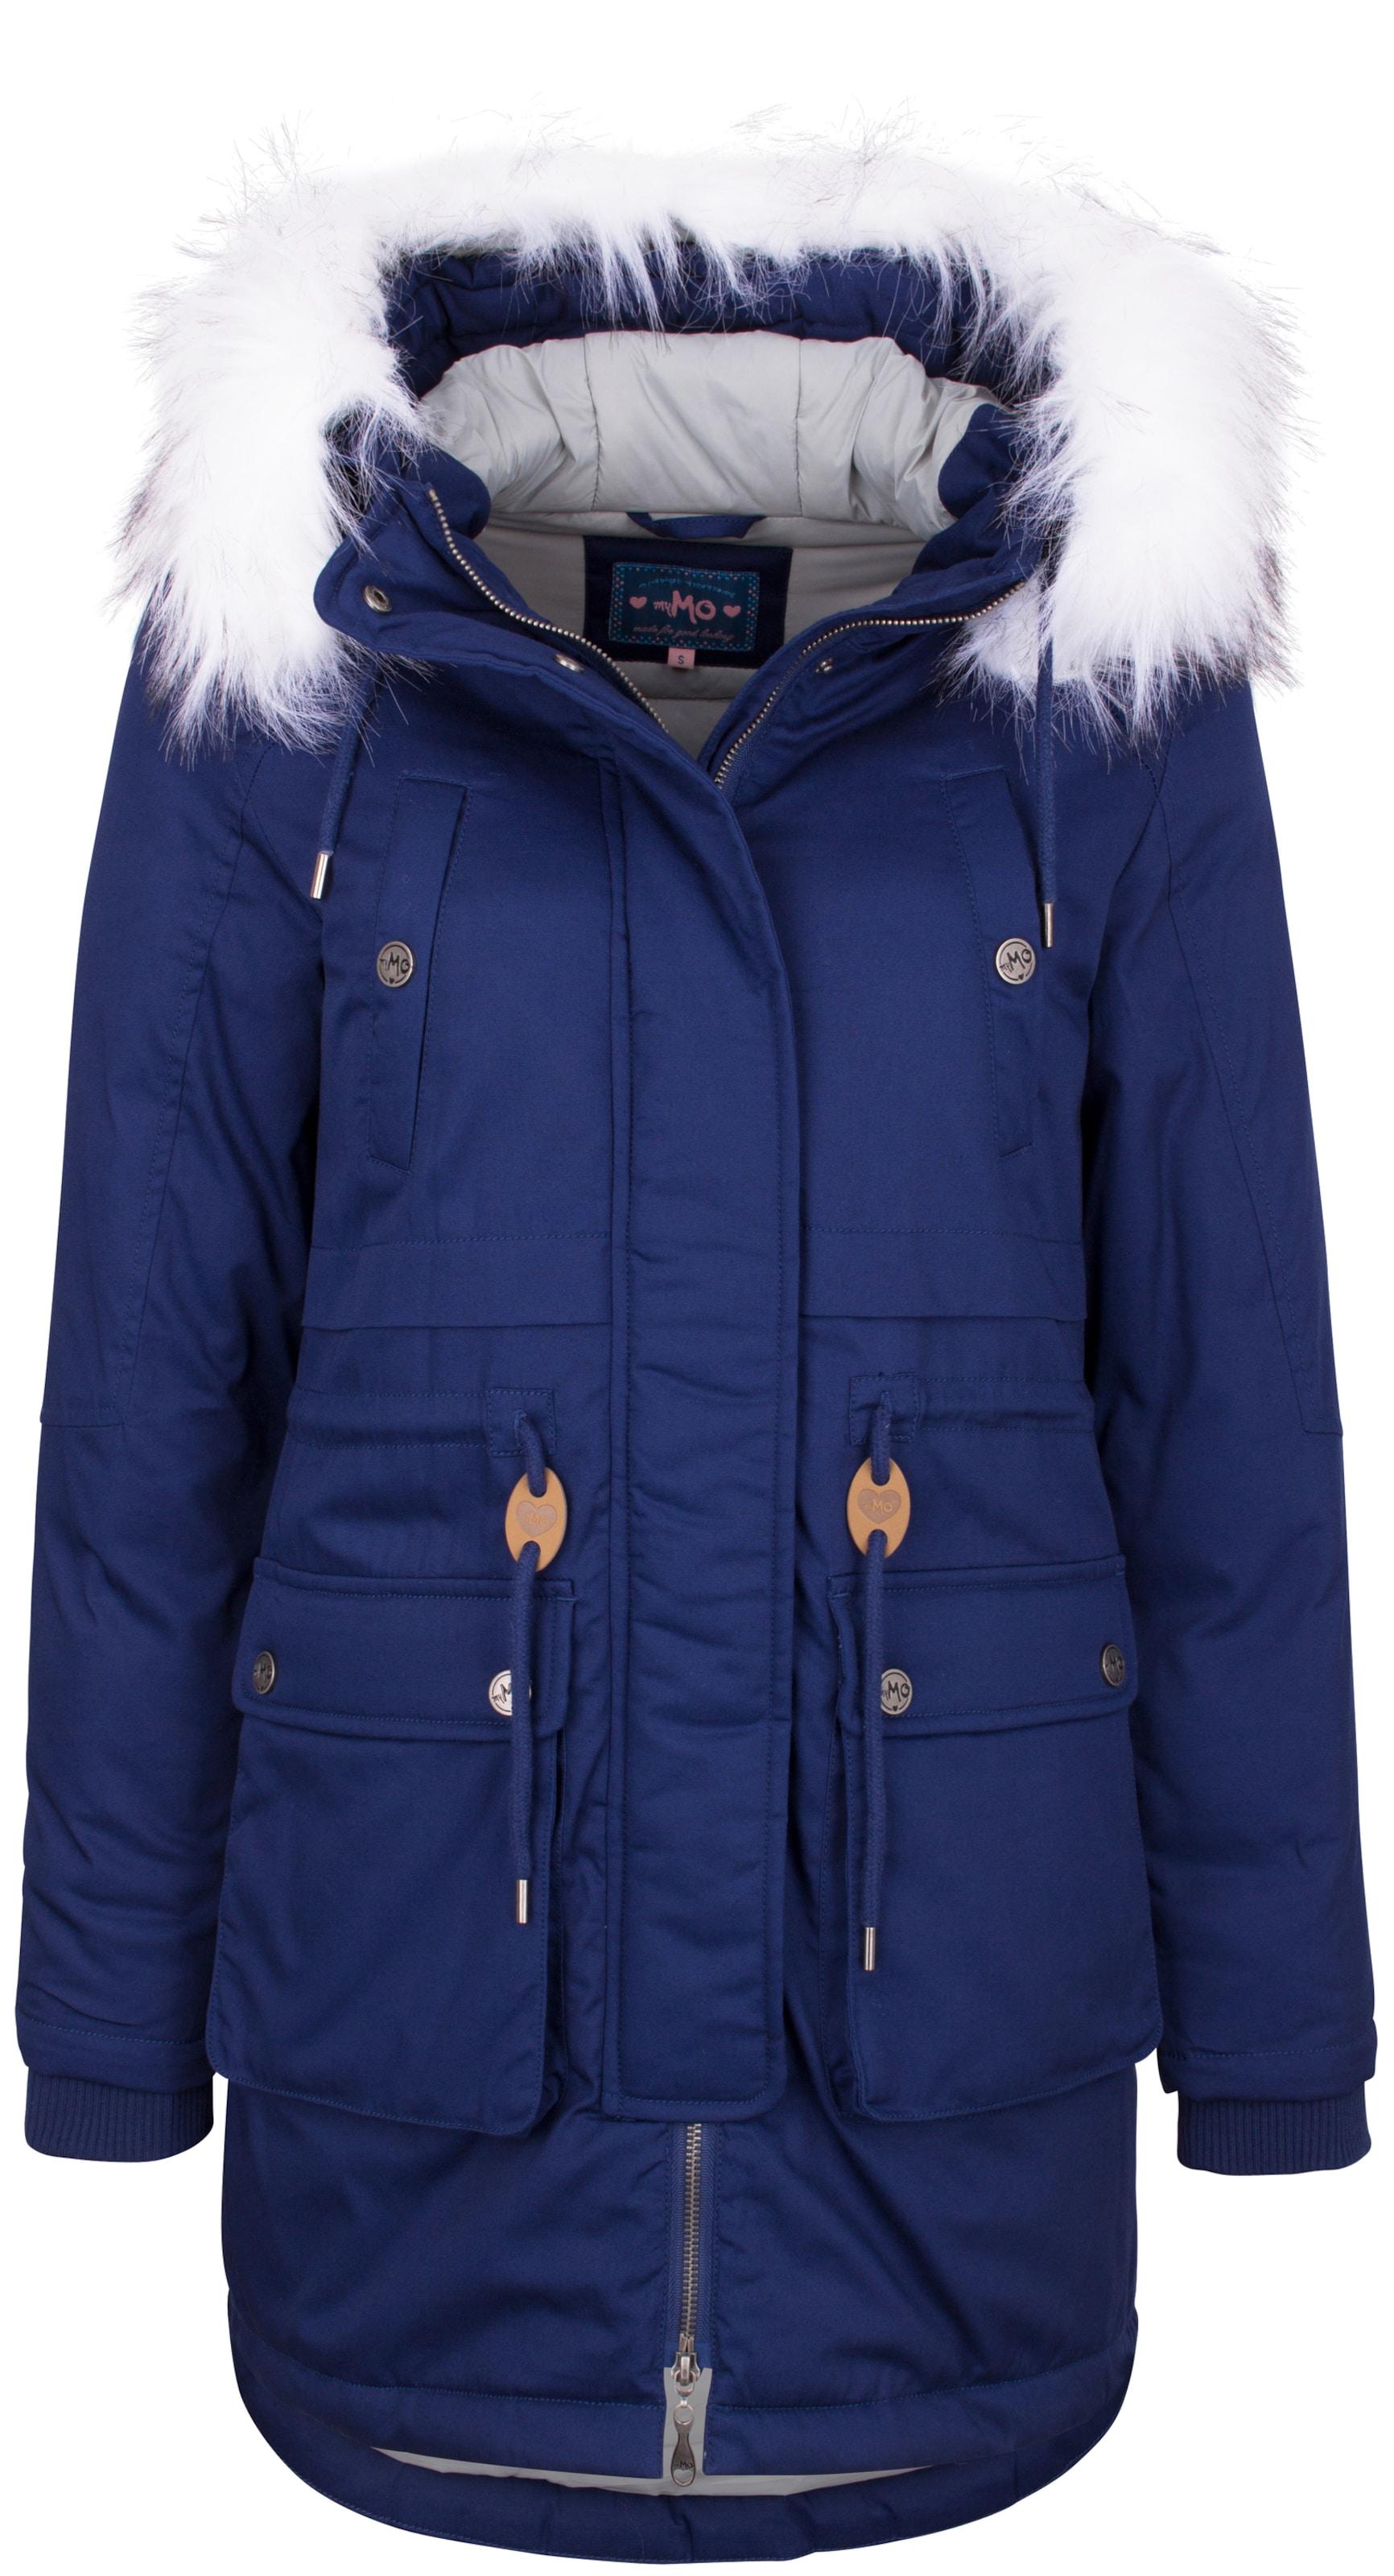 Mymo D'hiver Manteau Mymo Bleu D'hiver Manteau Bleu D'hiver En En Mymo Manteau nvNwm8Oy0